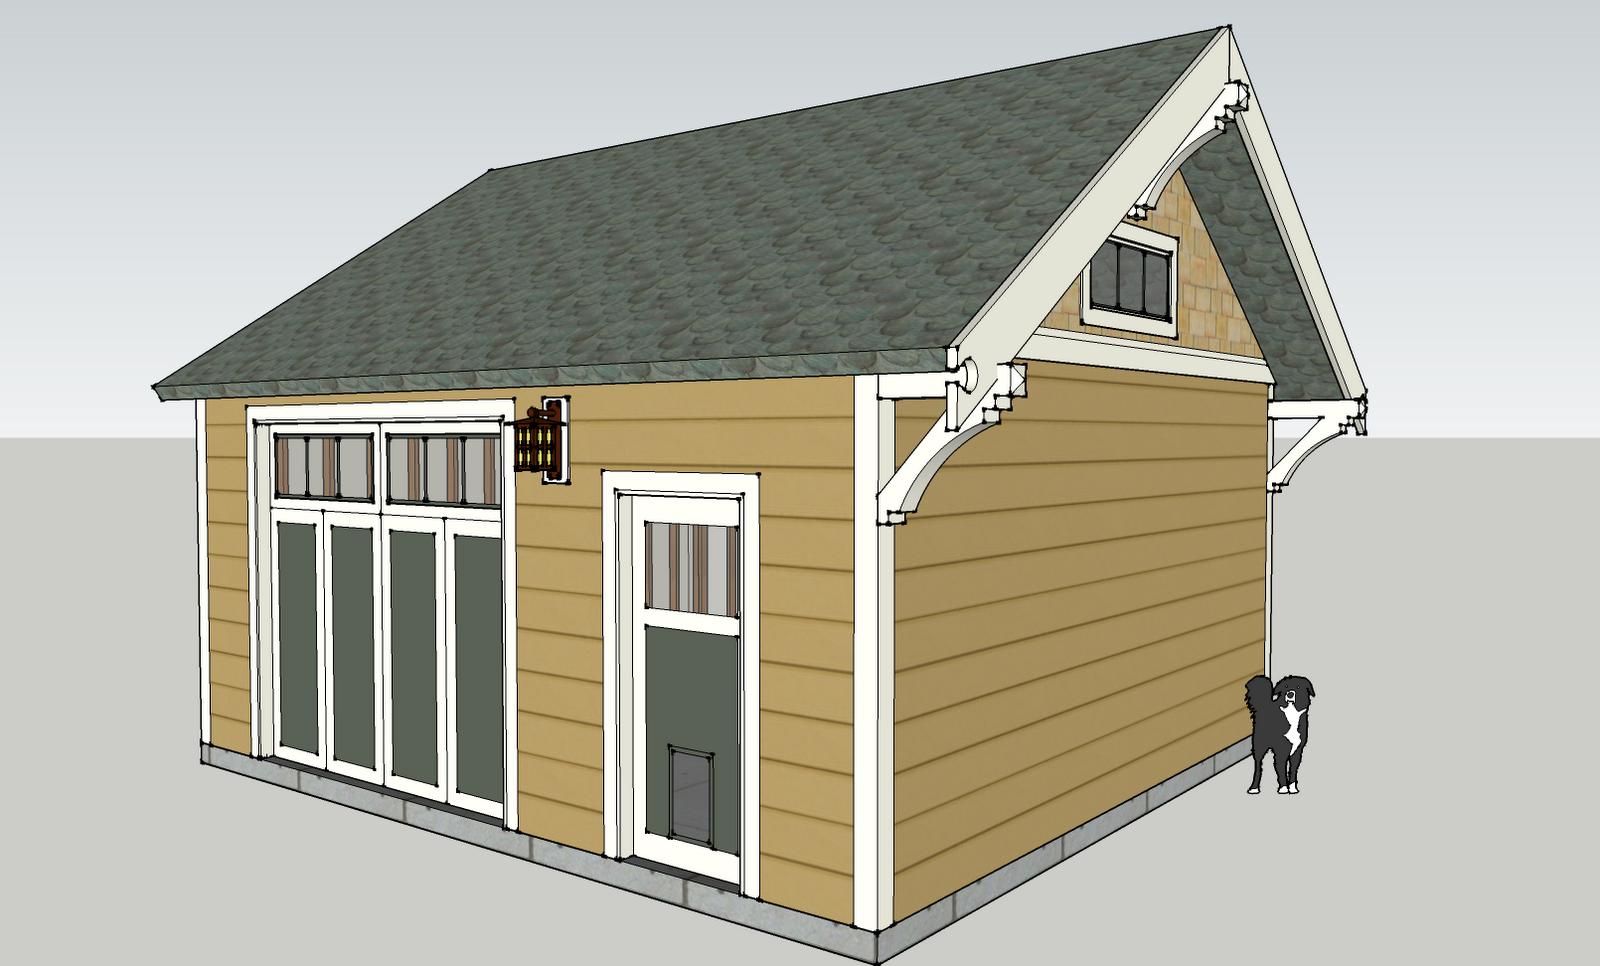 Laurelhurst craftsman bungalow garage rebuild plan for Garage gable